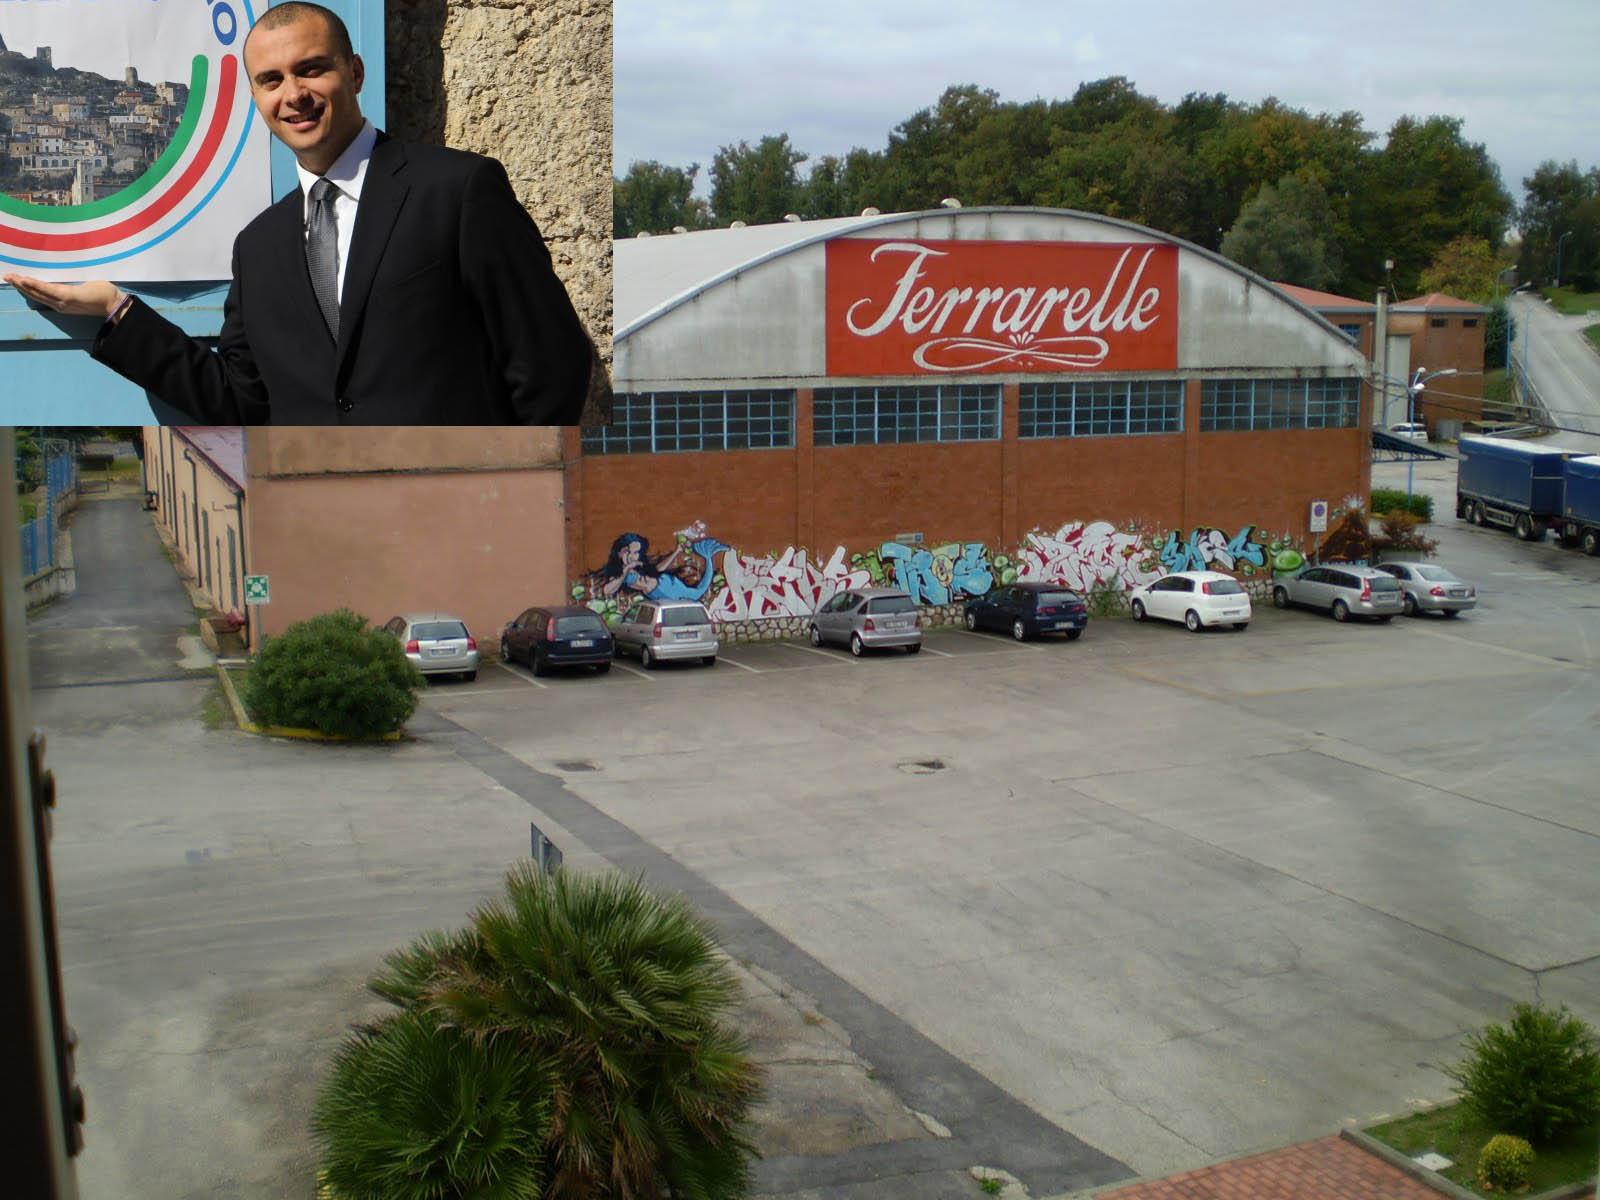 RIARDO / PRESENZANO – Nuova azienda Ferrarelle, sarà come una Turbogas. Imbarazzo per Maccarelli. E i comitati per l'ambiente che faranno?